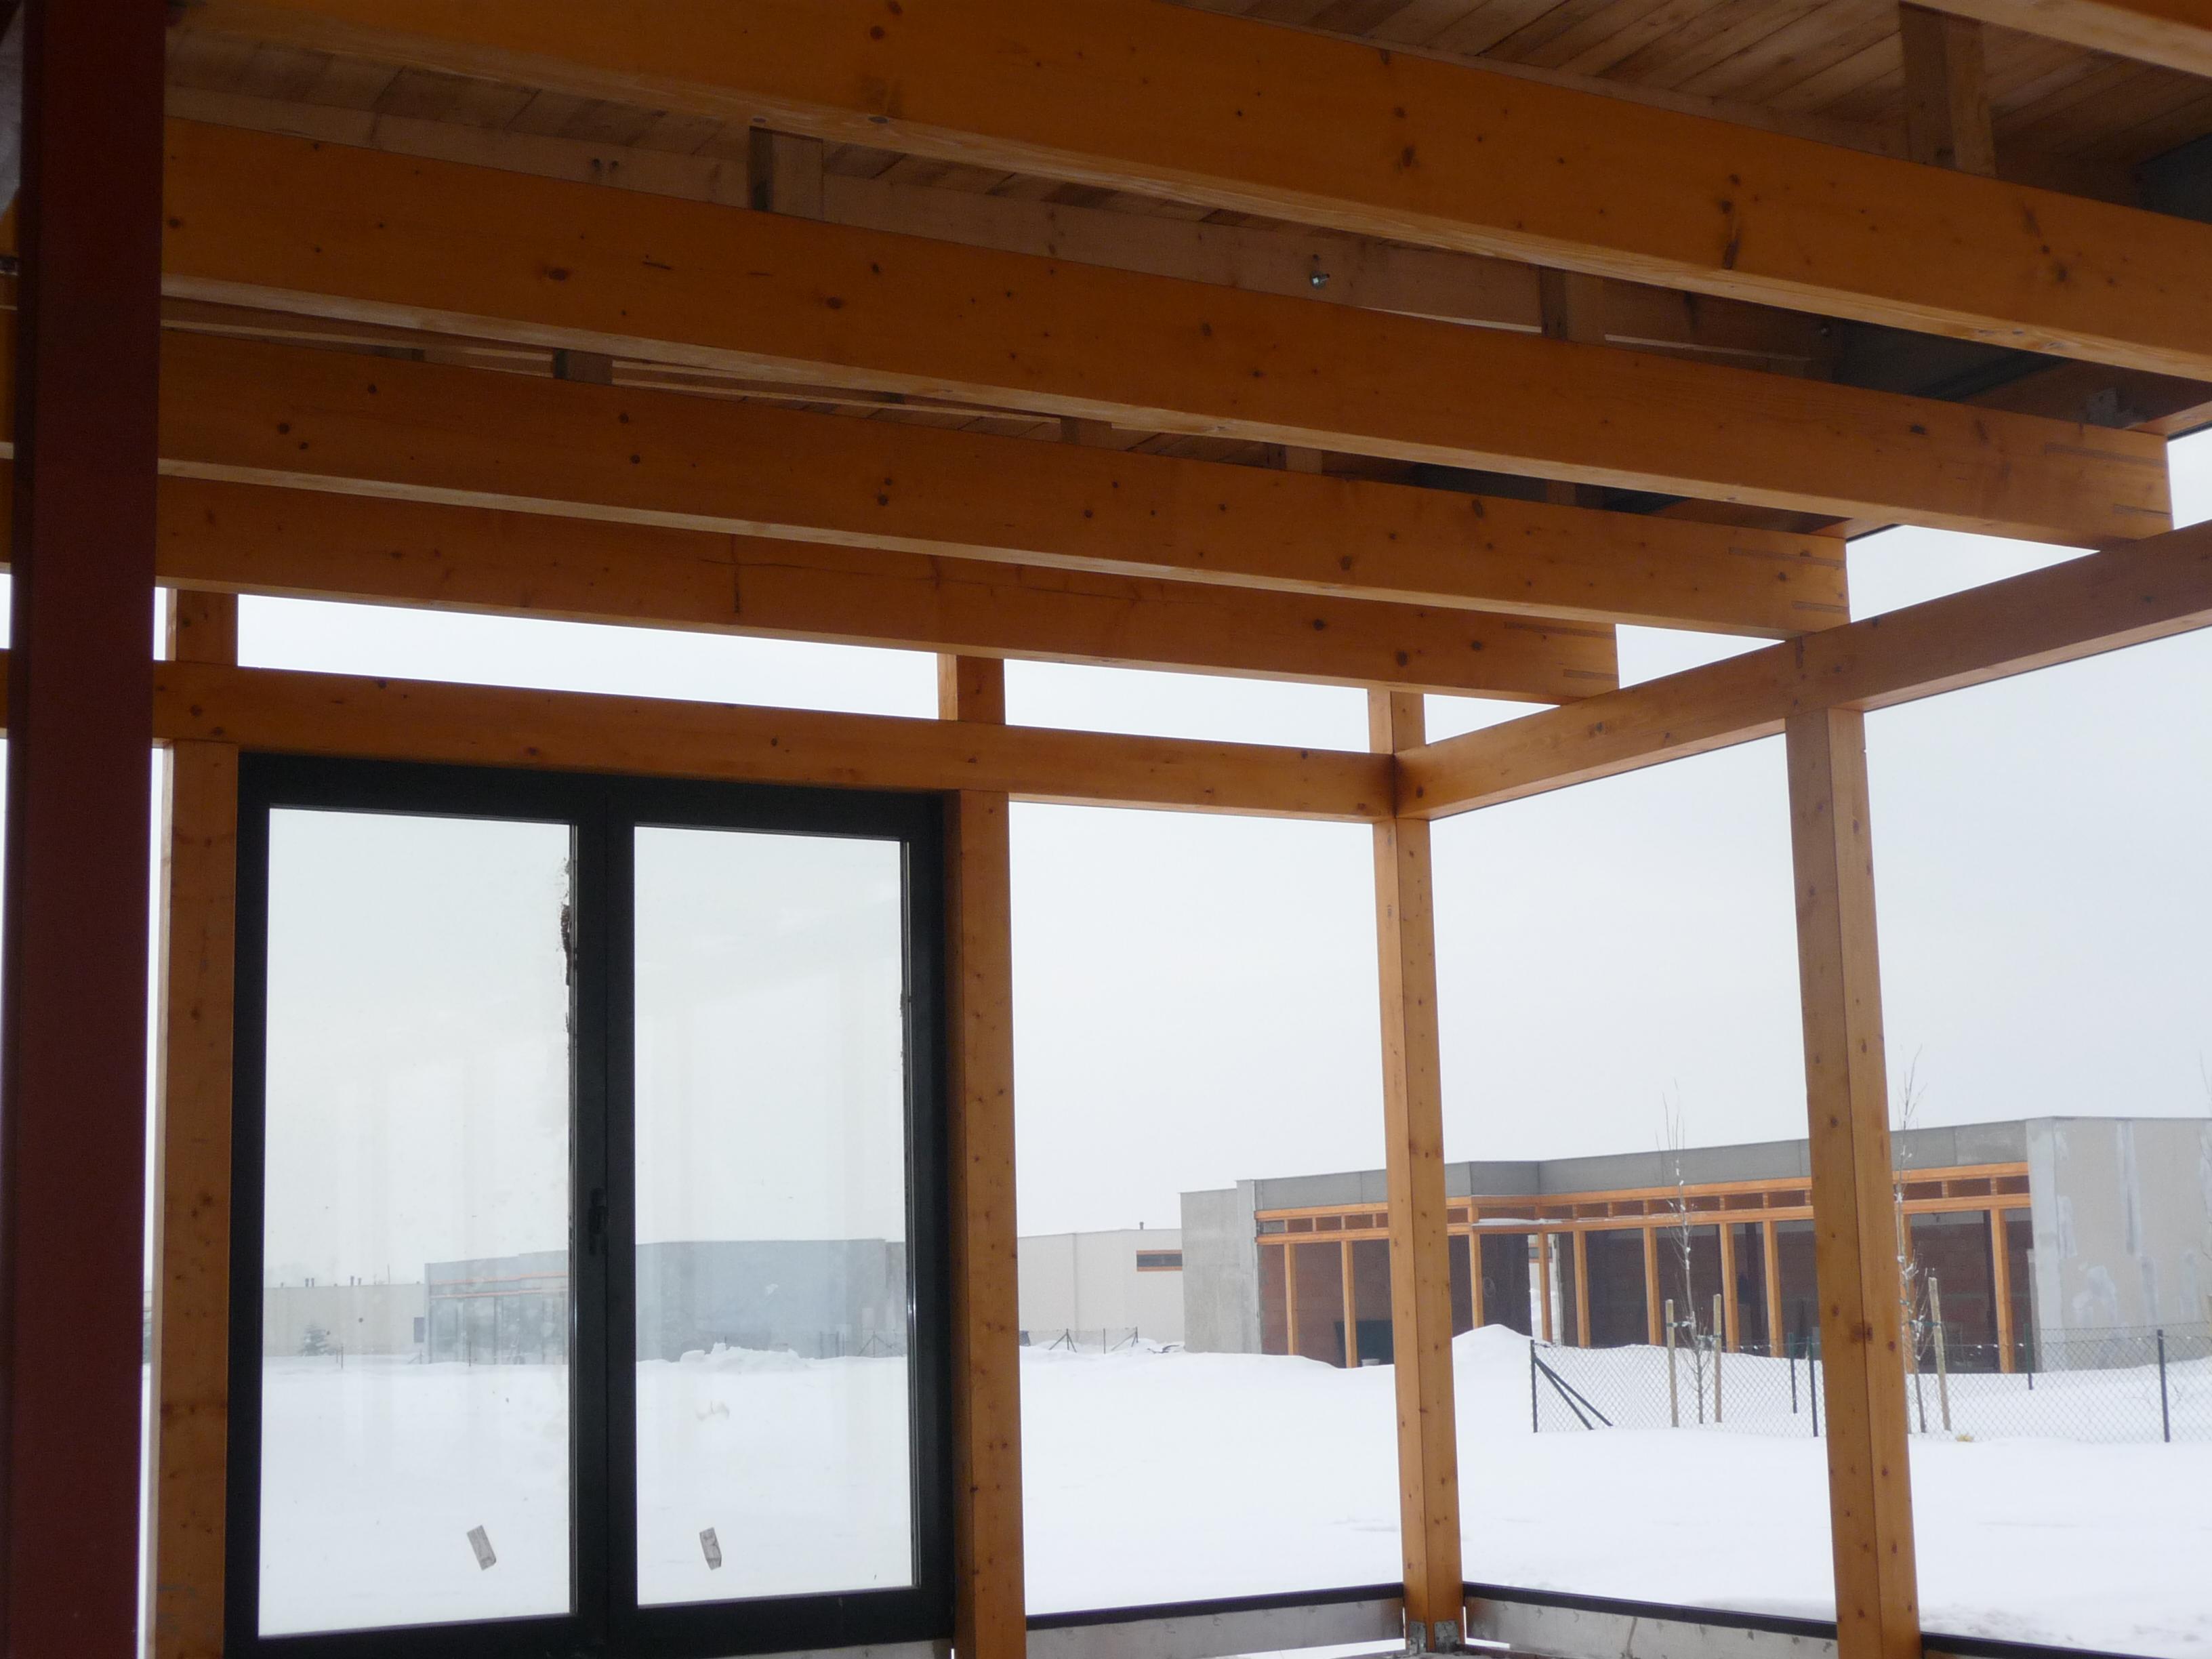 Dřevěná konstrukce dřevostavby v kvalitě